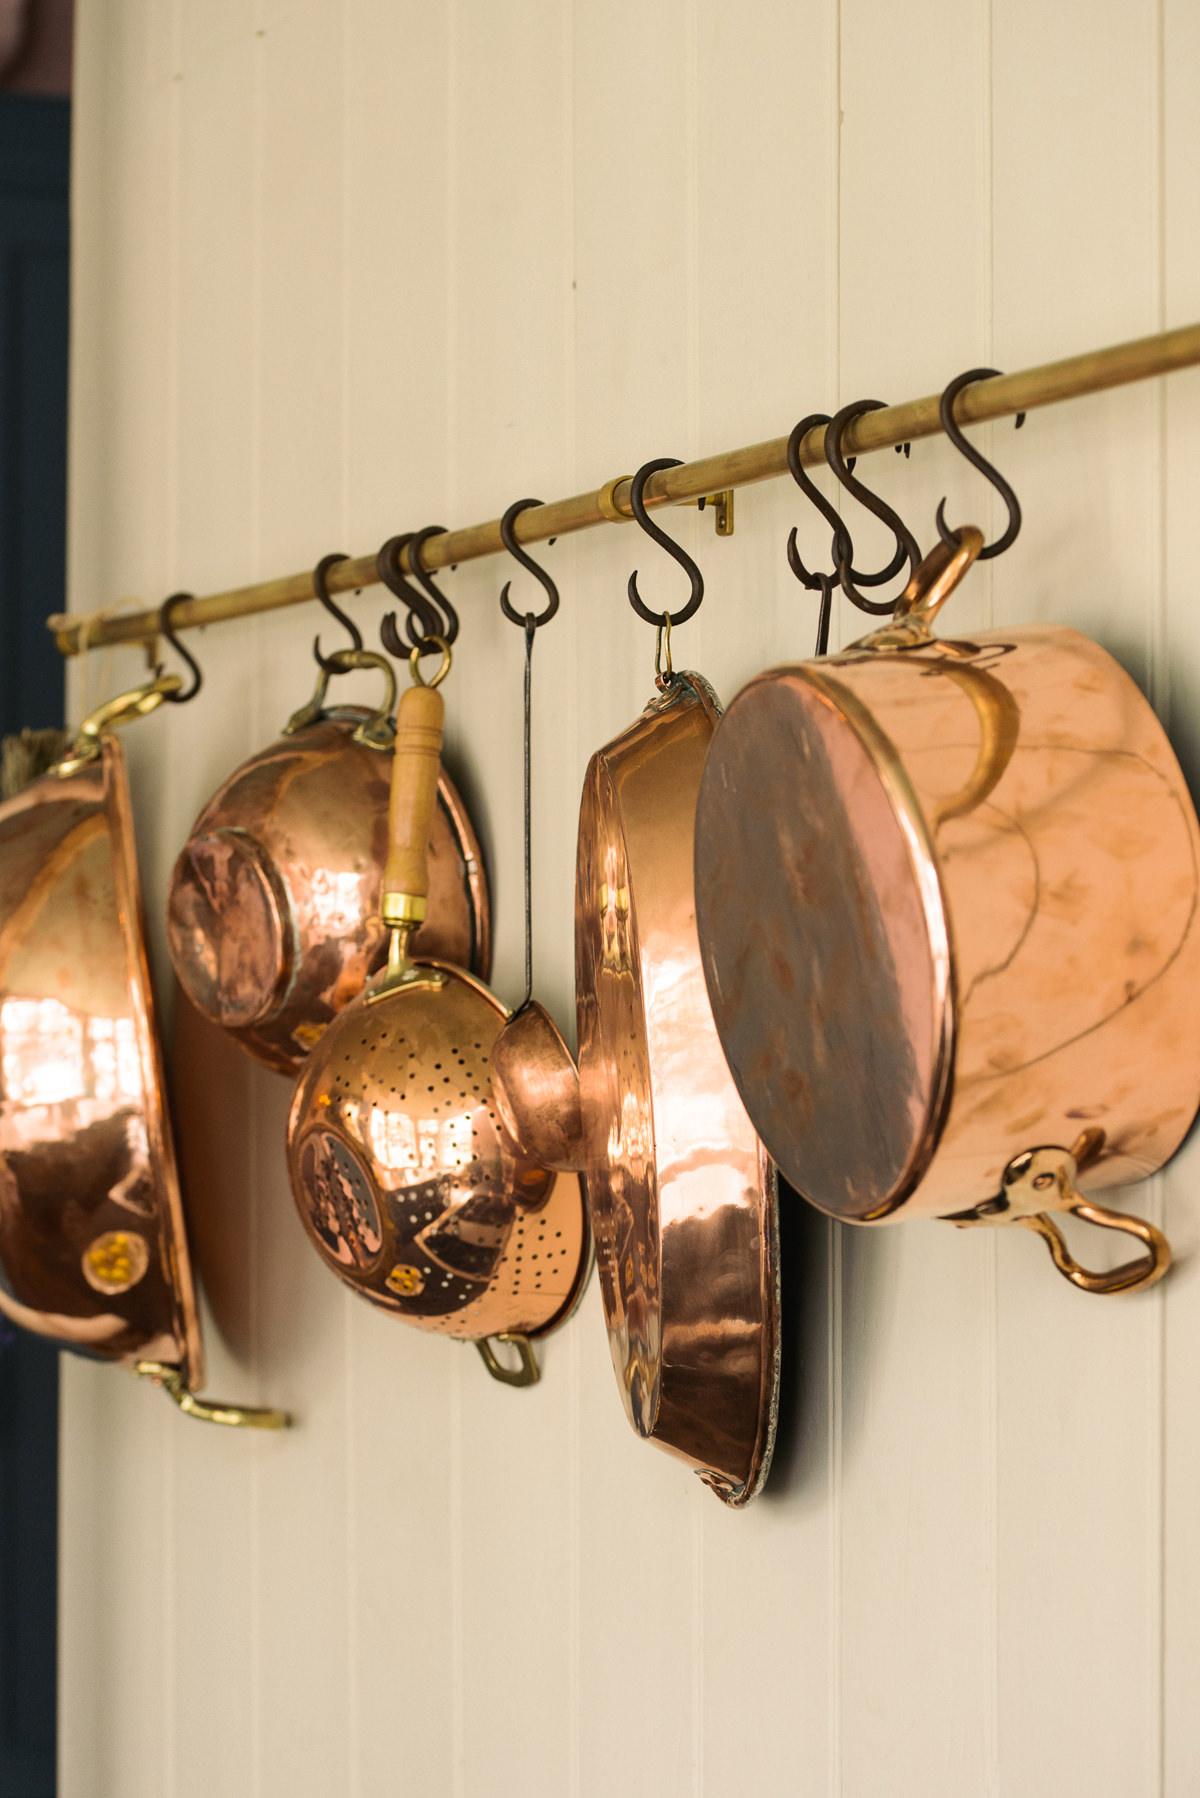 copperpans-brassrail